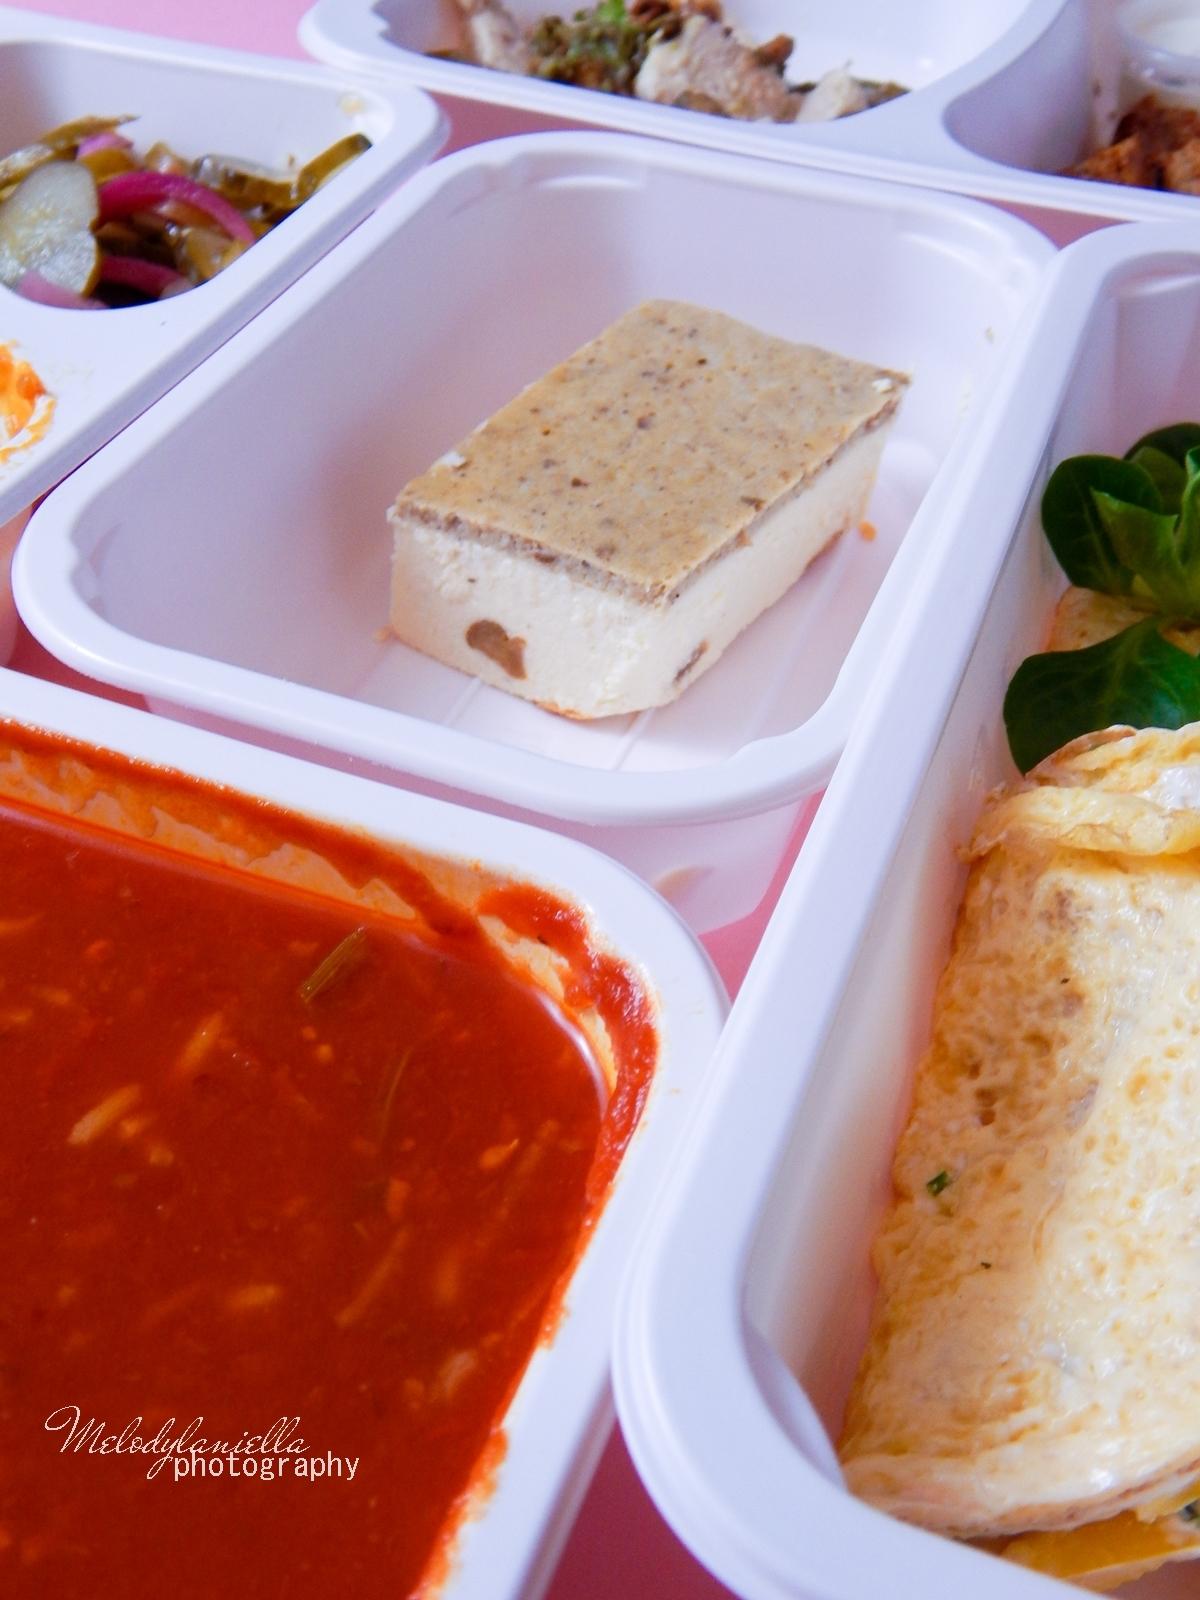 005 cateromarket dieta pudełkowa catering dietetyczny dieta jak przejść na dietę catering z dowozem do domu dieta kalorie melodylaniella dieta na cały dzień jedzenie na cały dzień catering do domu